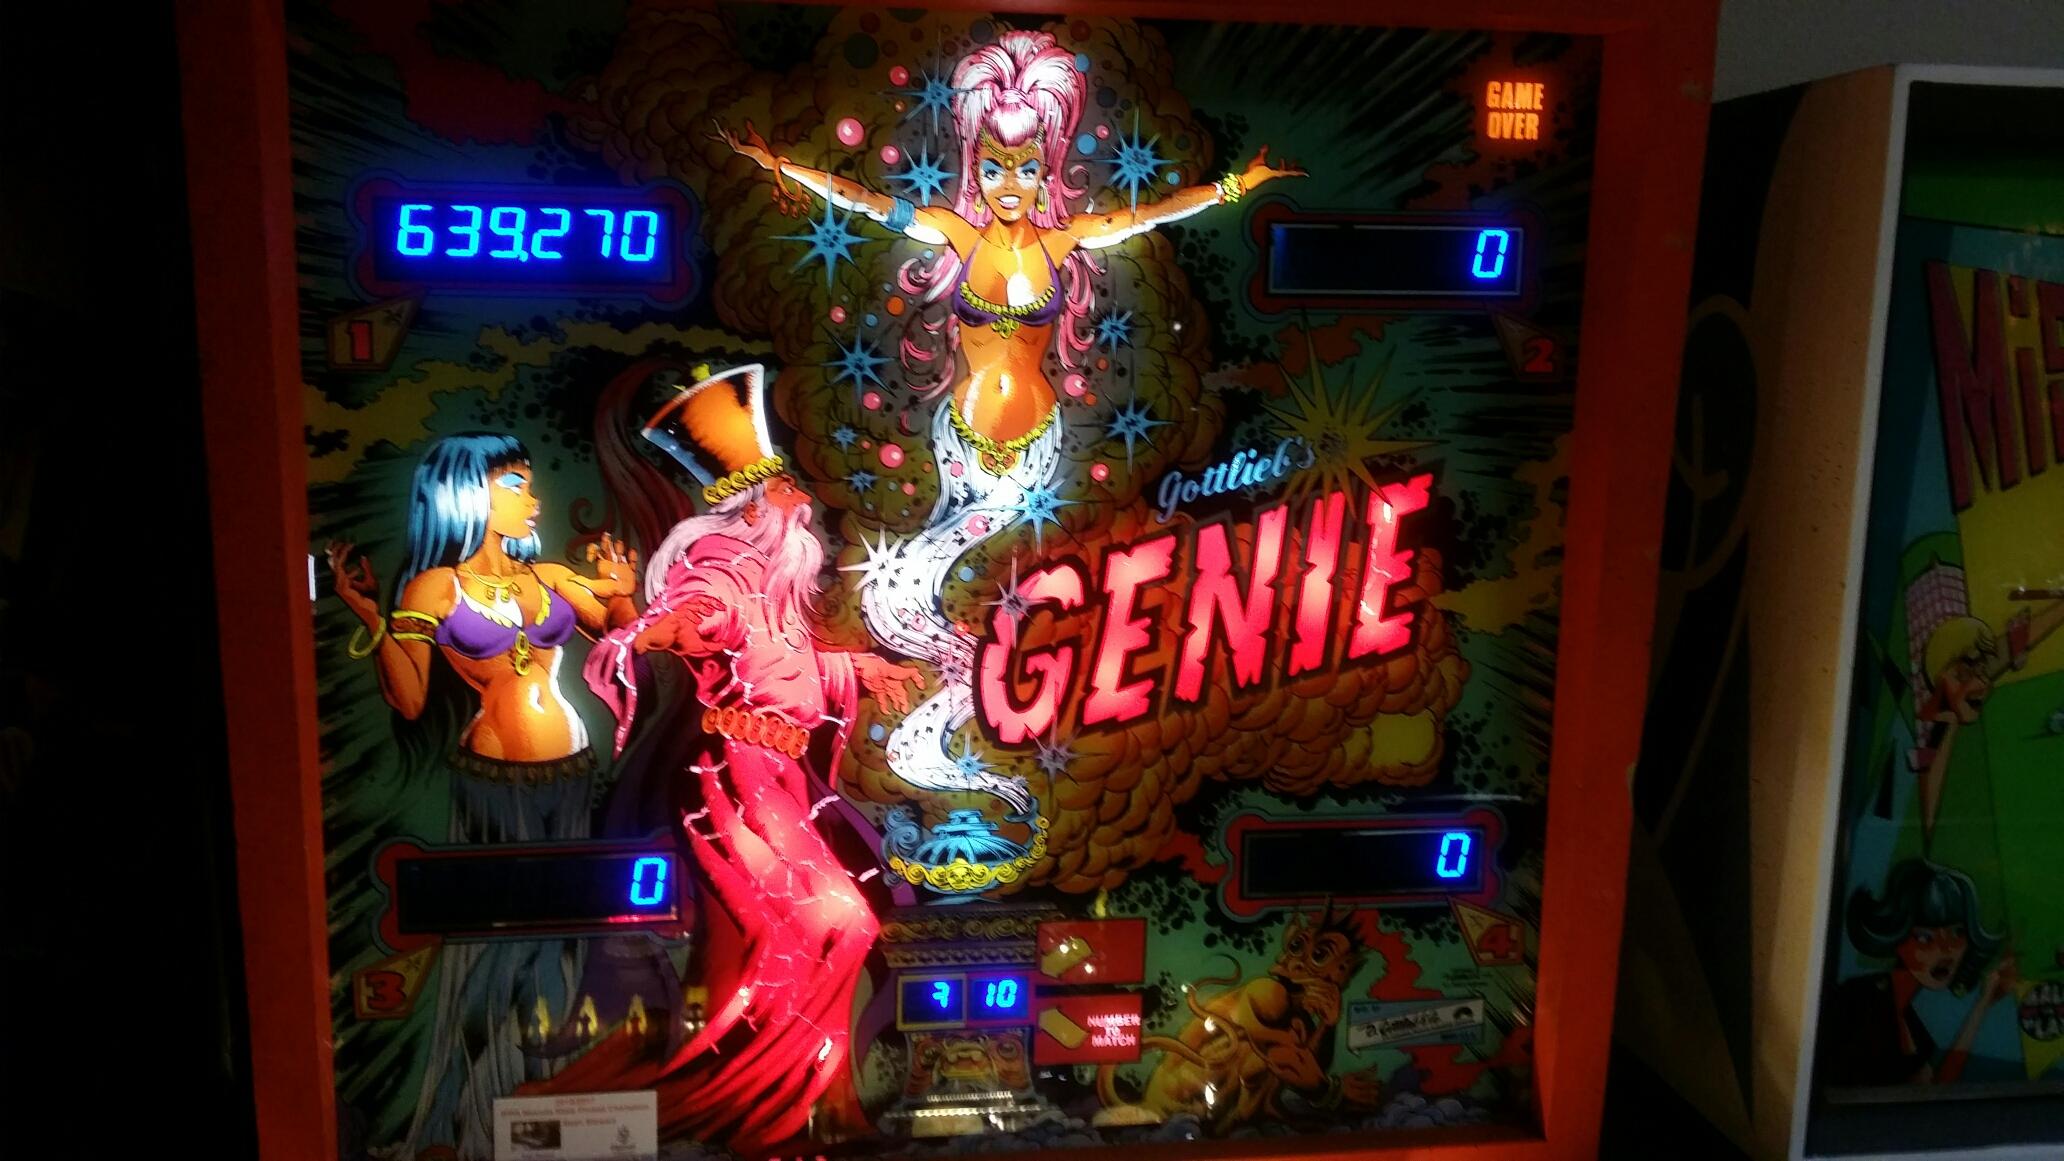 Genie 639,270 points